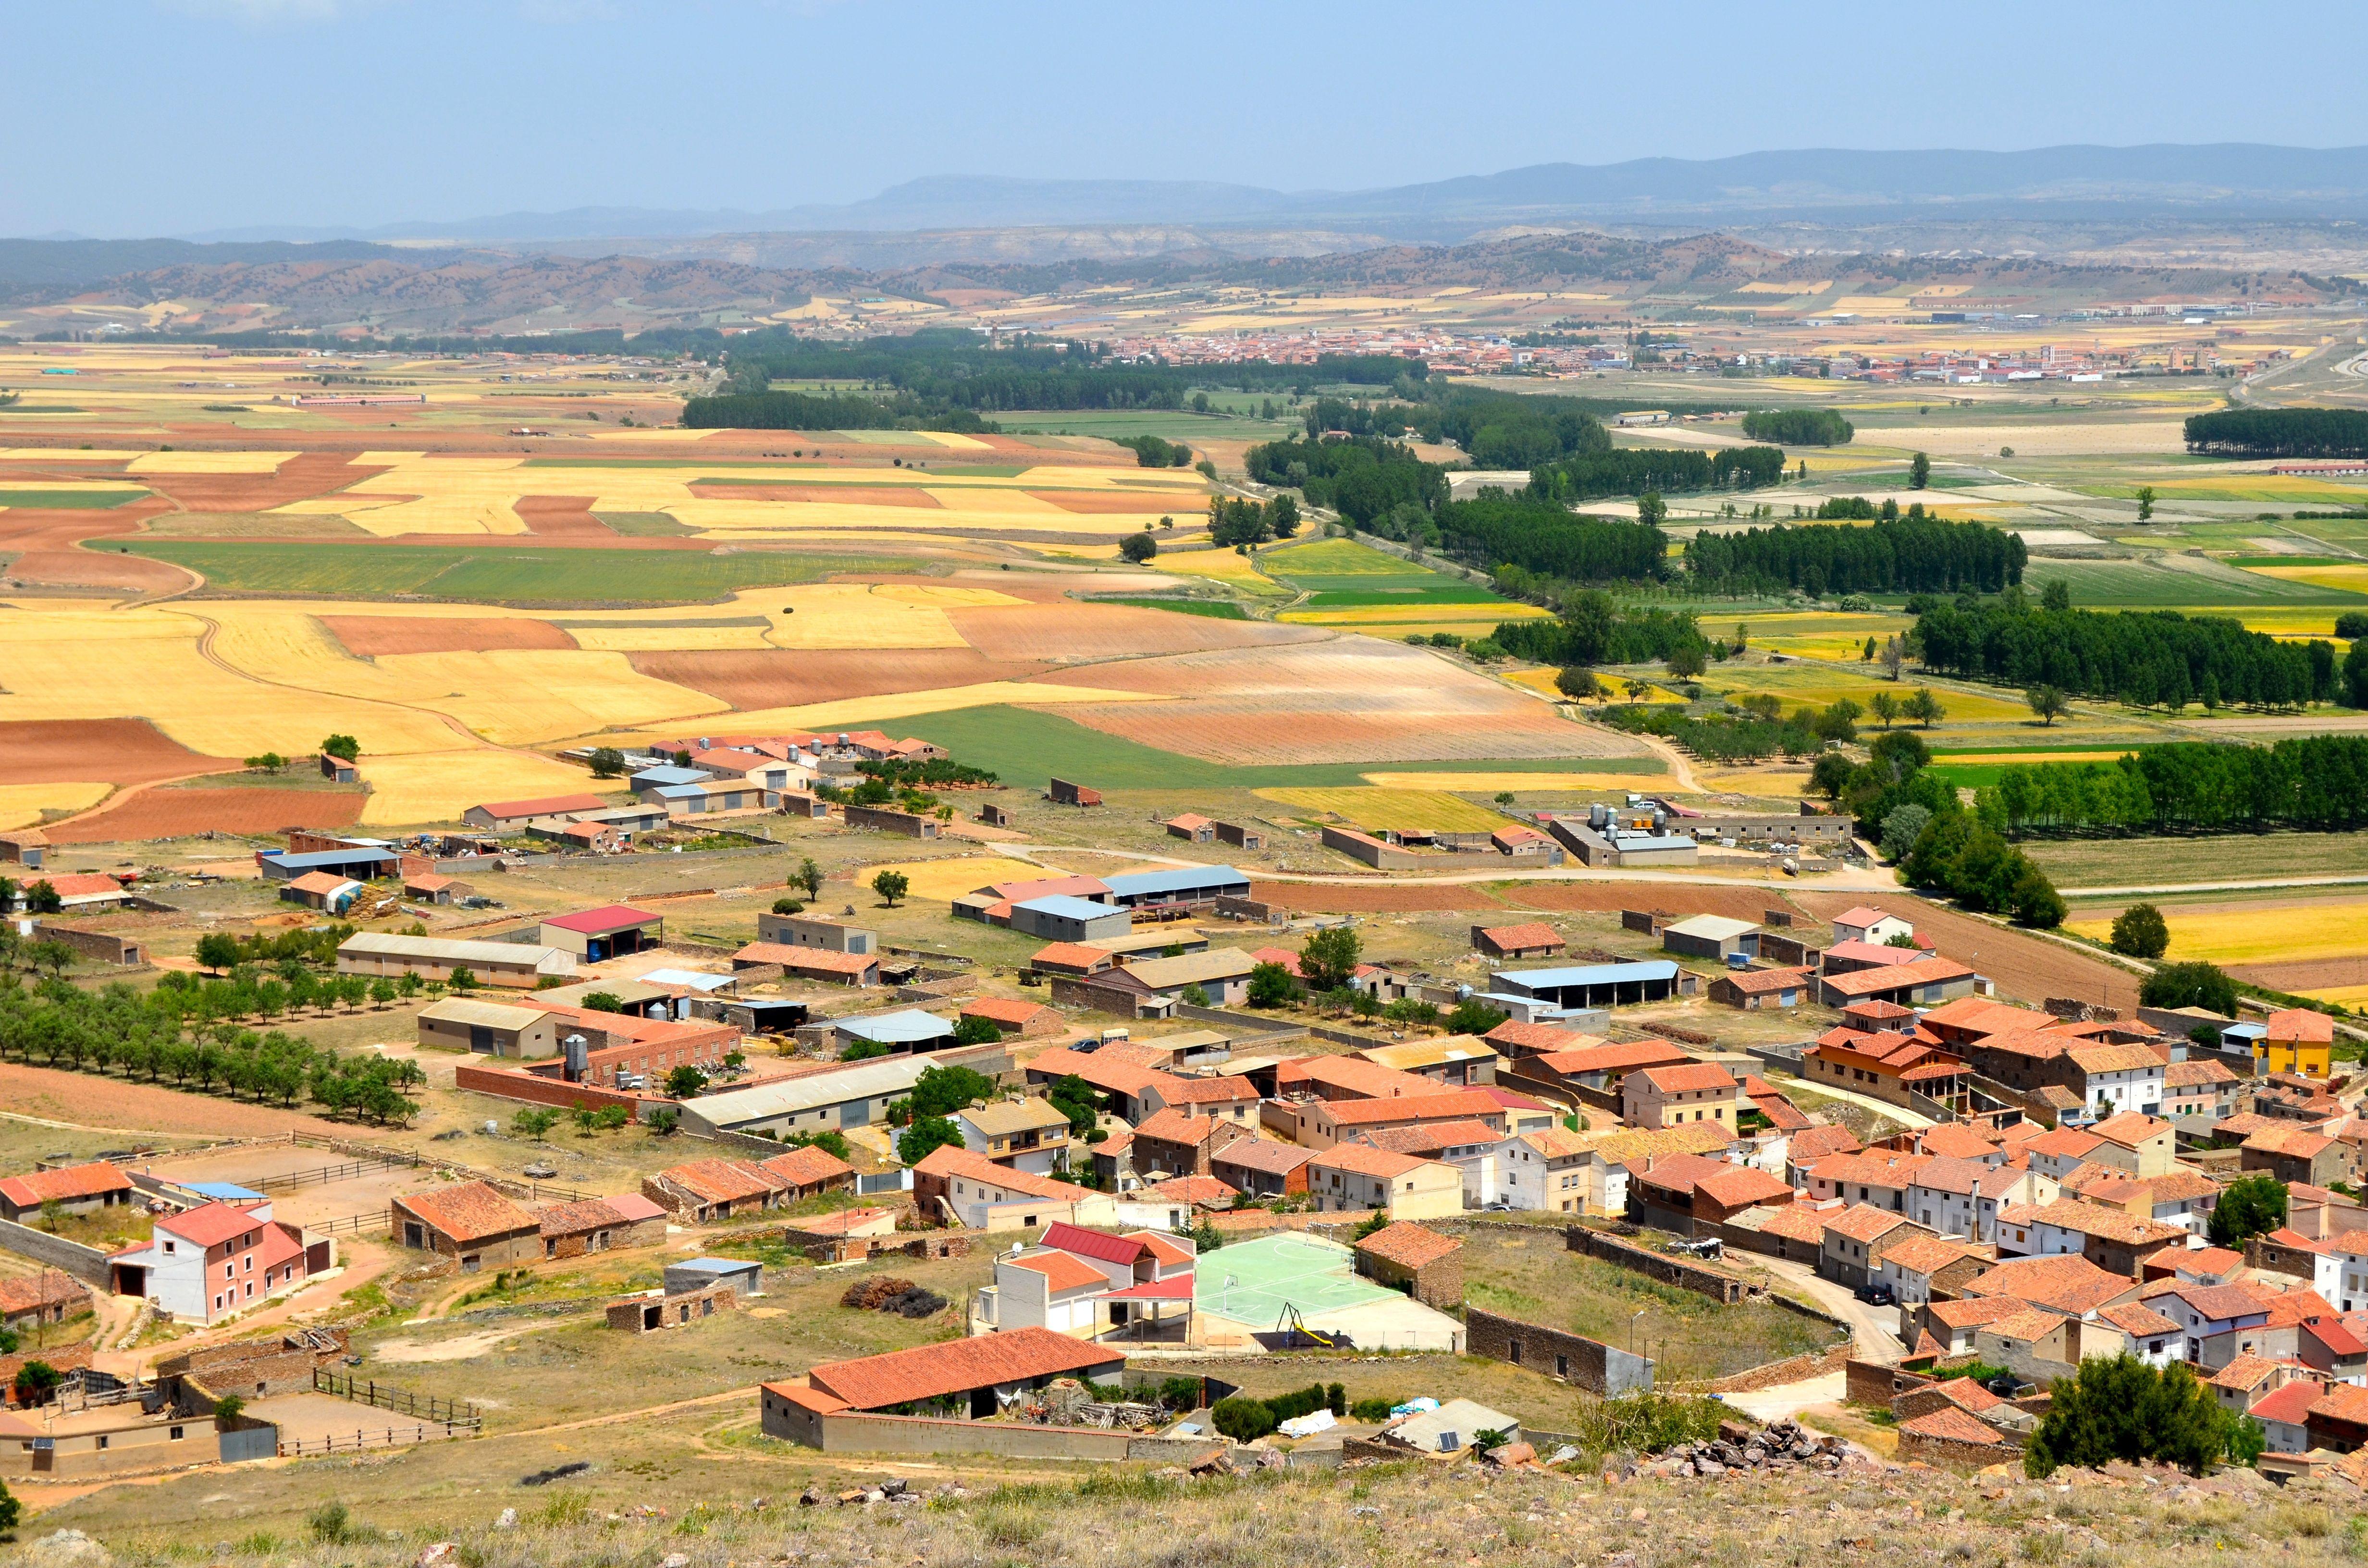 Mirador del Cerro de San Esteban en El Poyo del Cid.